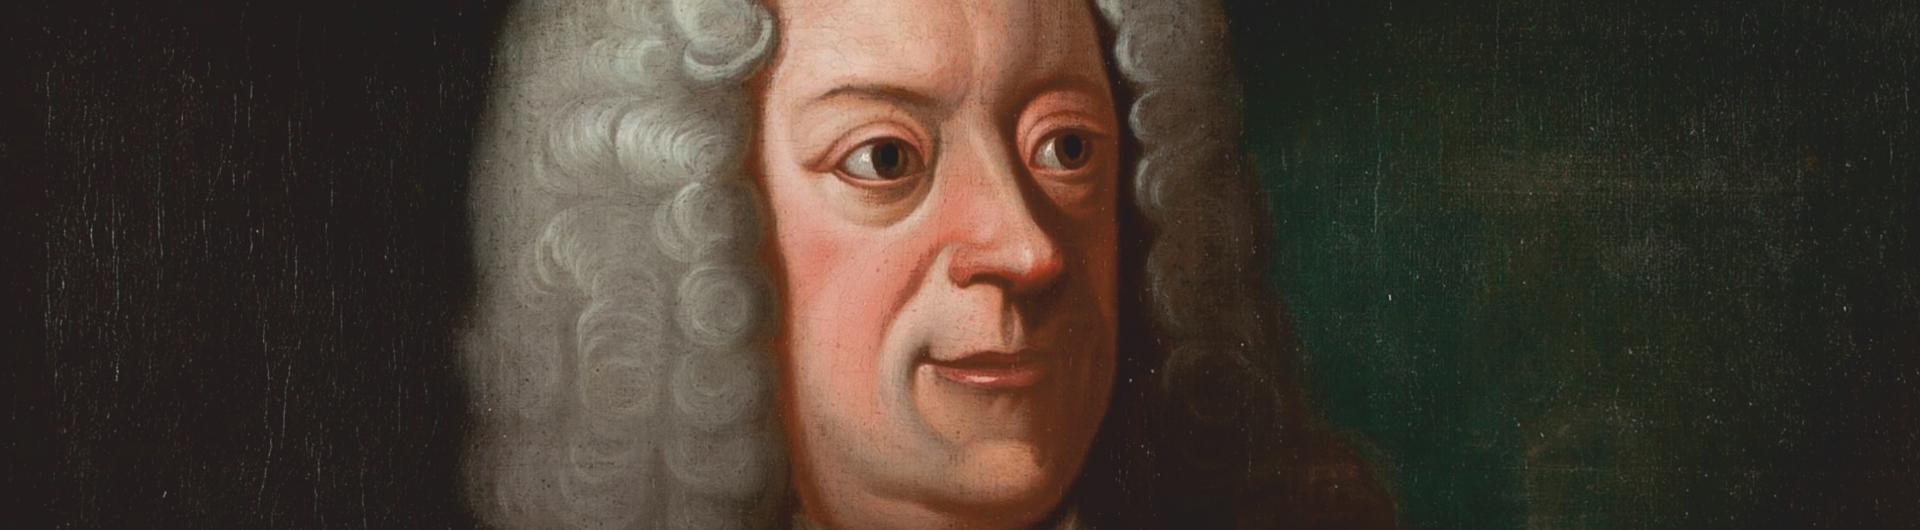 Georg II August Kurfürst von Hanover und König von Großbritannien